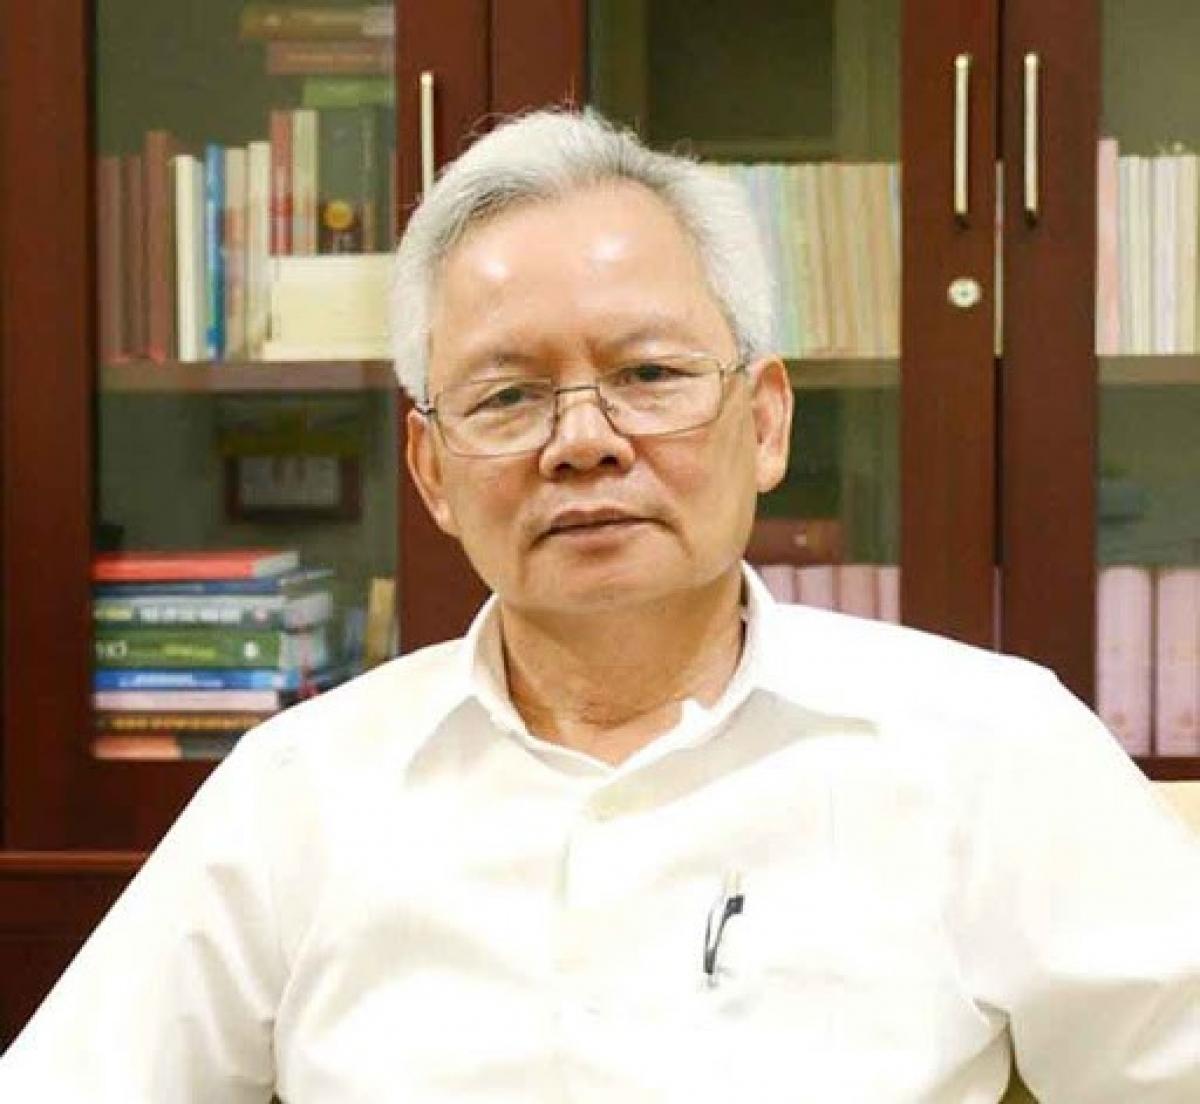 Giáo sư, Tiến sỹ Tạ Ngọc Tấn, Phó Chủ tịch Hội đồng Lý luận Trung ương. (Ảnh: QĐND)